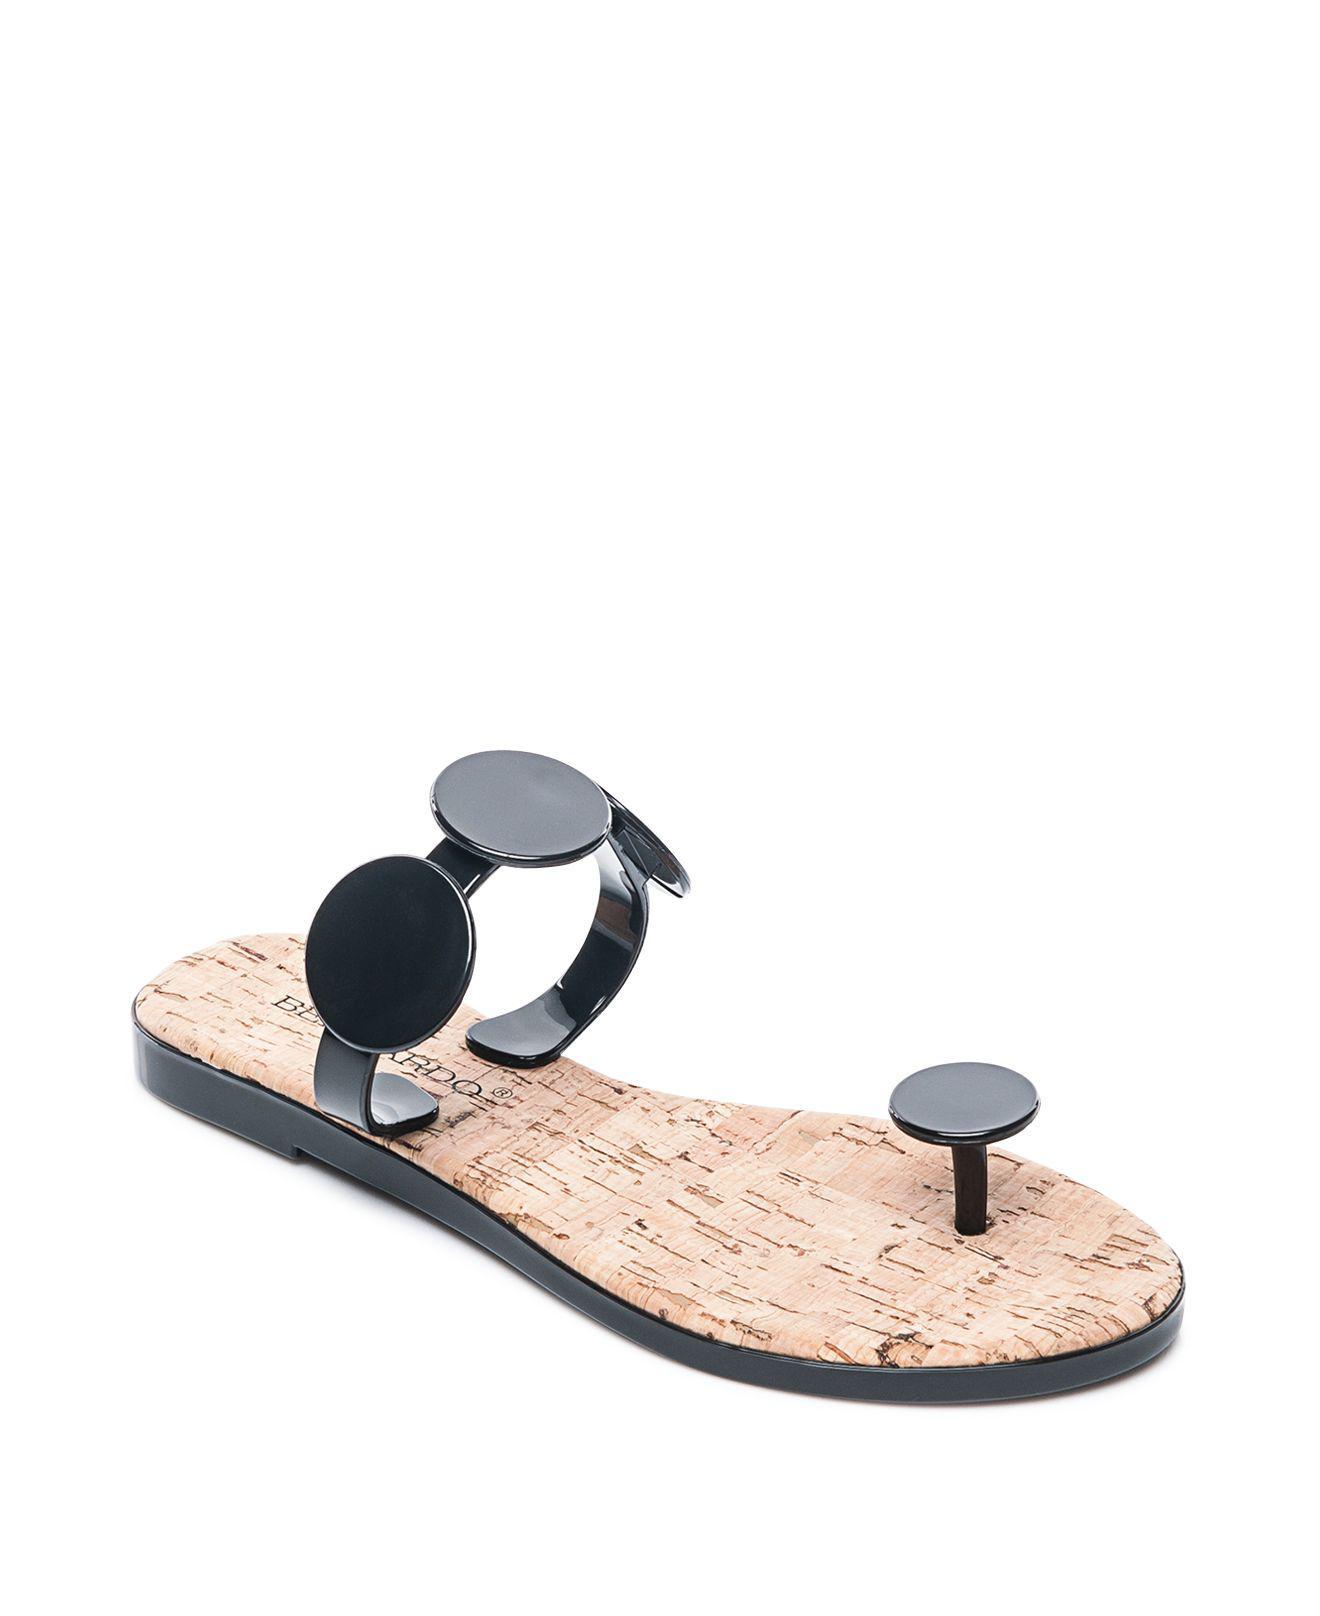 Bernardo Women's Jelly Disk & Cork Sandals 0uNW1qMQ